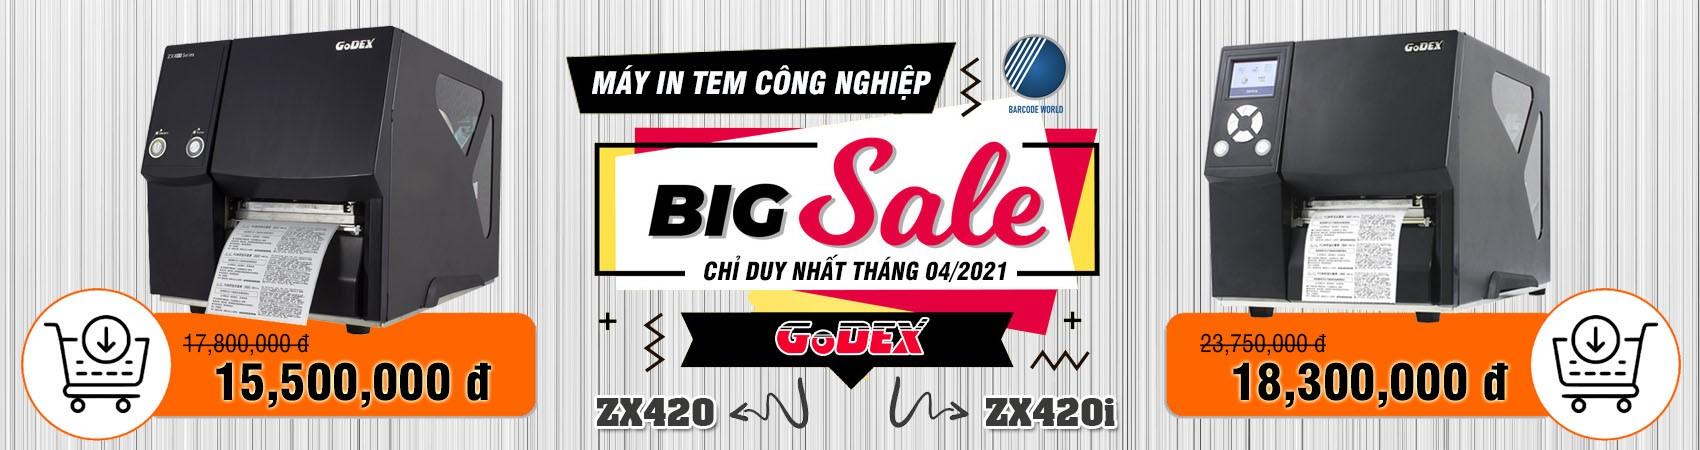 Tháng 04/2021 - Máy in tem công nghiệp GoDEX ZX420, ZX420i giá tốt chưa từng có